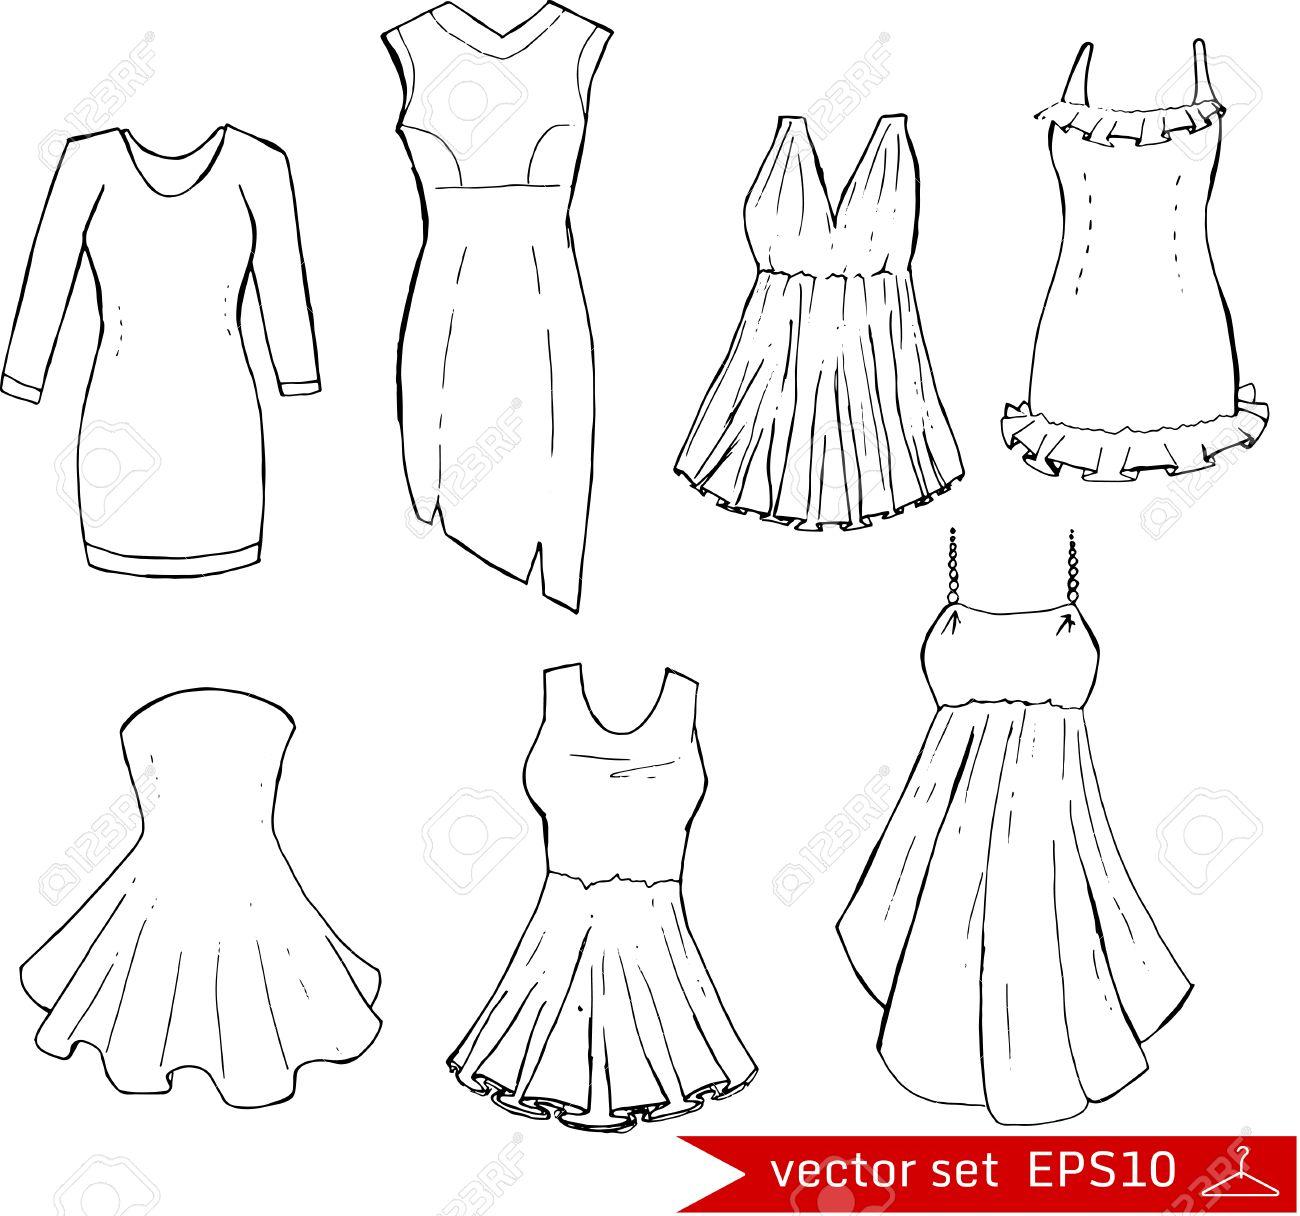 ファッションを設定します別のドレス手の描き方の図のイラスト素材